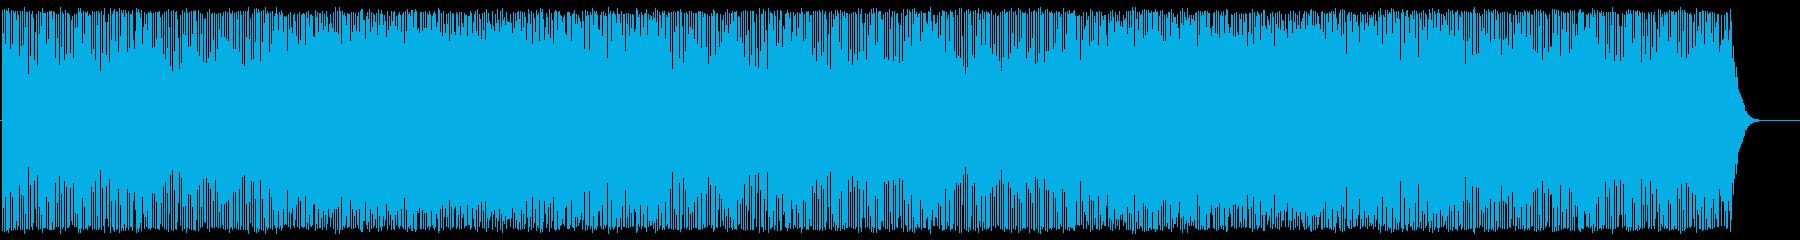 中華なデジタルポップの再生済みの波形